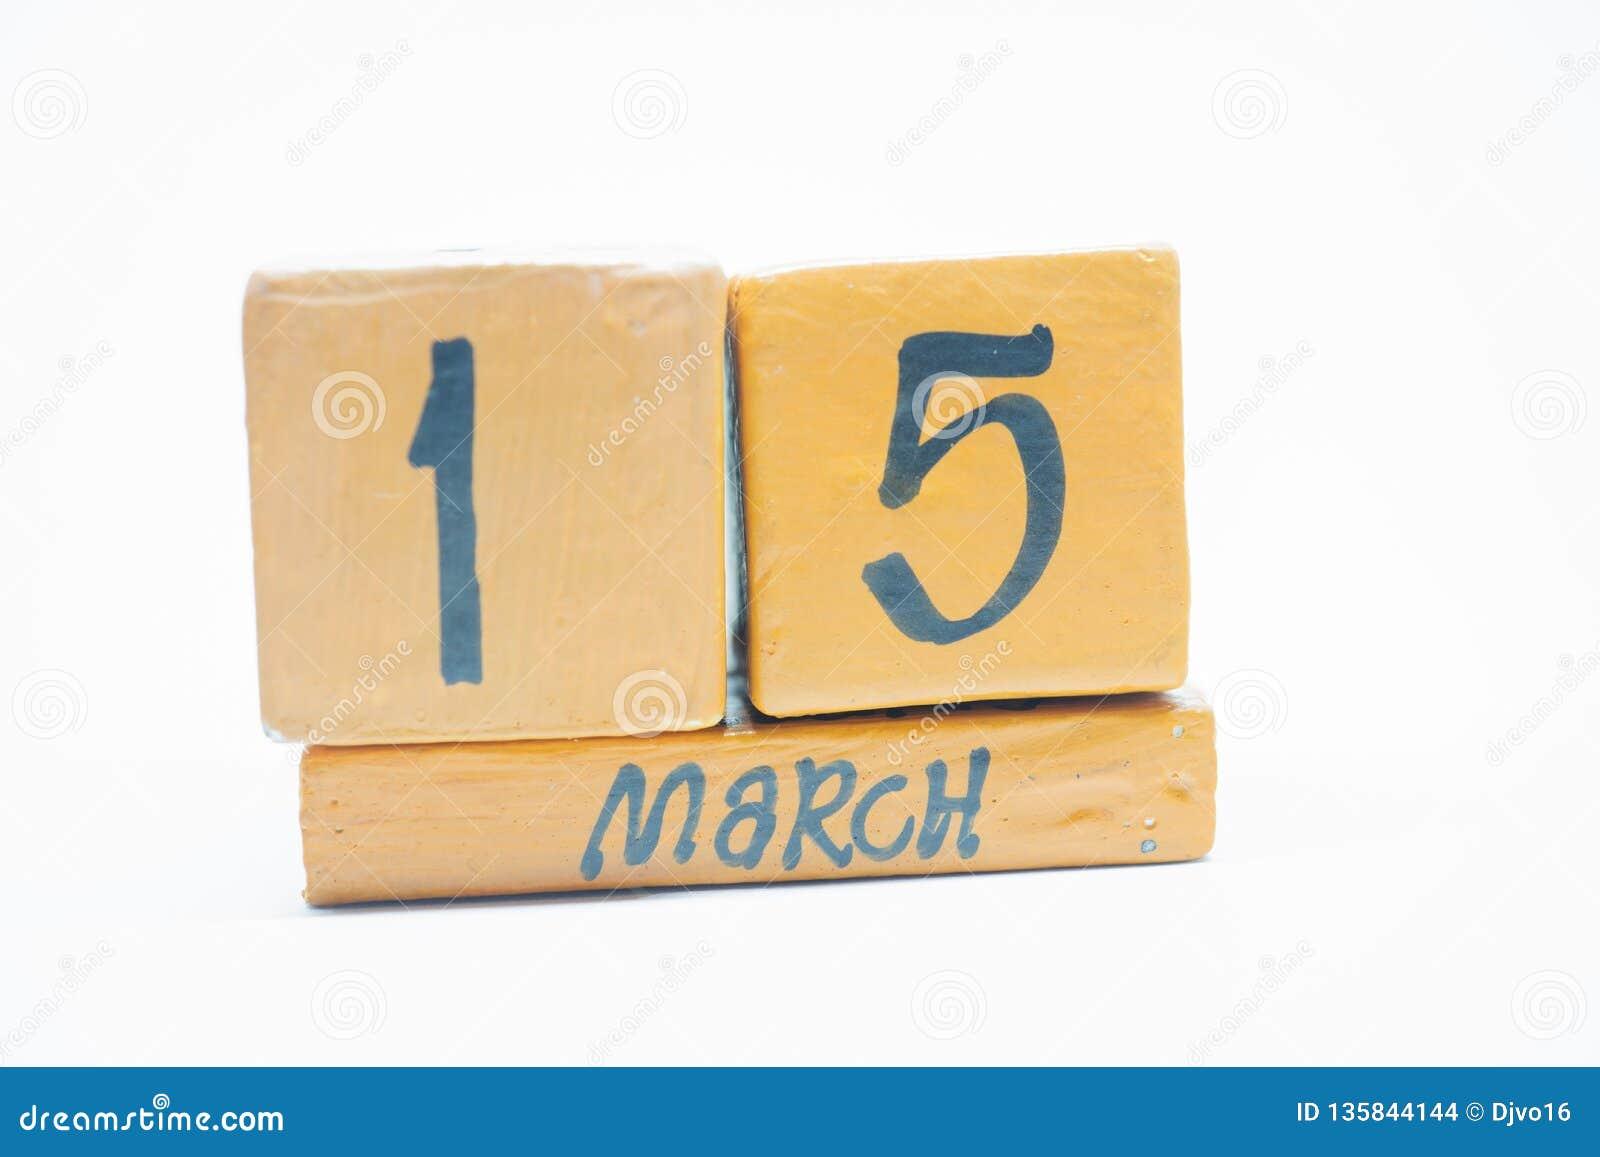 15 Μαρτίου Ημέρα 15 του μήνα, χειροποίητο ξύλινο ημερολόγιο που απομονώνεται στο άσπρο υπόβαθρο μήνας άνοιξη, ημέρα της έννοιας έ